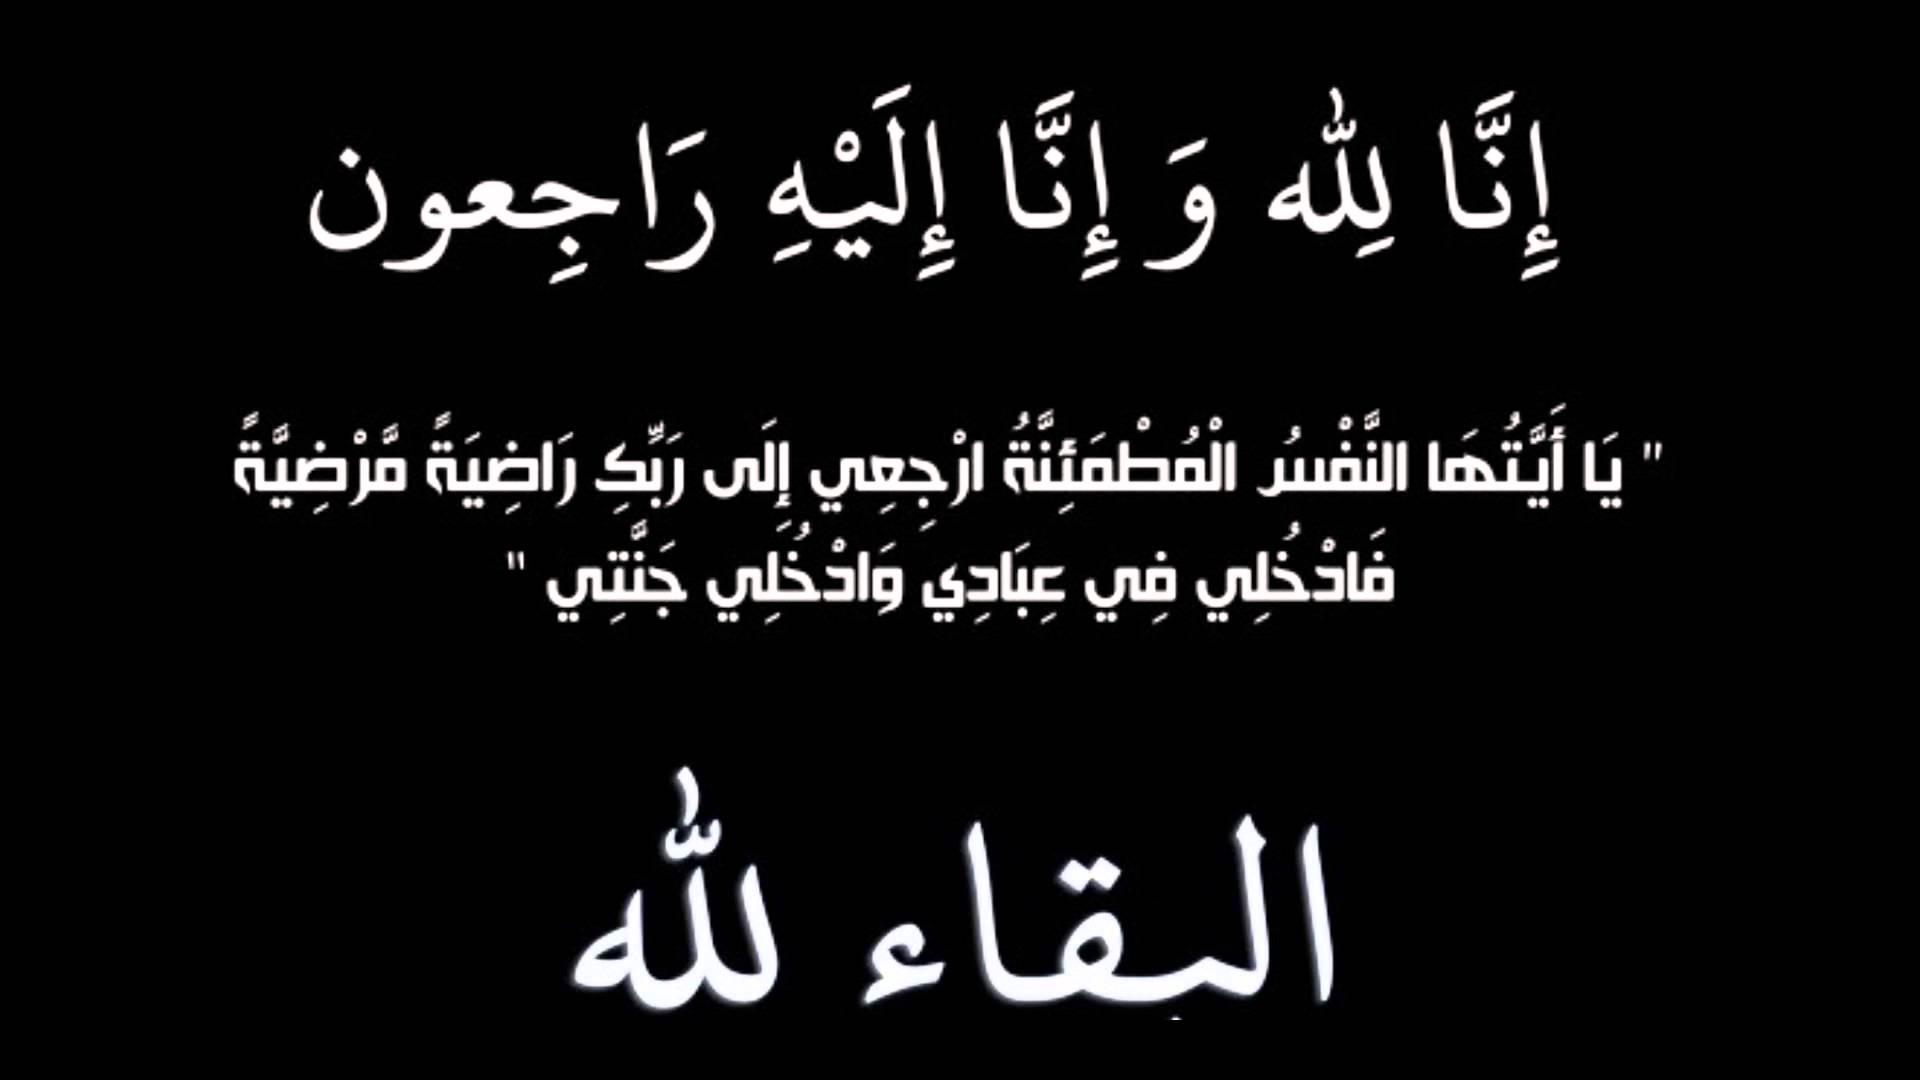 في ذمة الله والدة الصحفي أ. حسين الرويضان